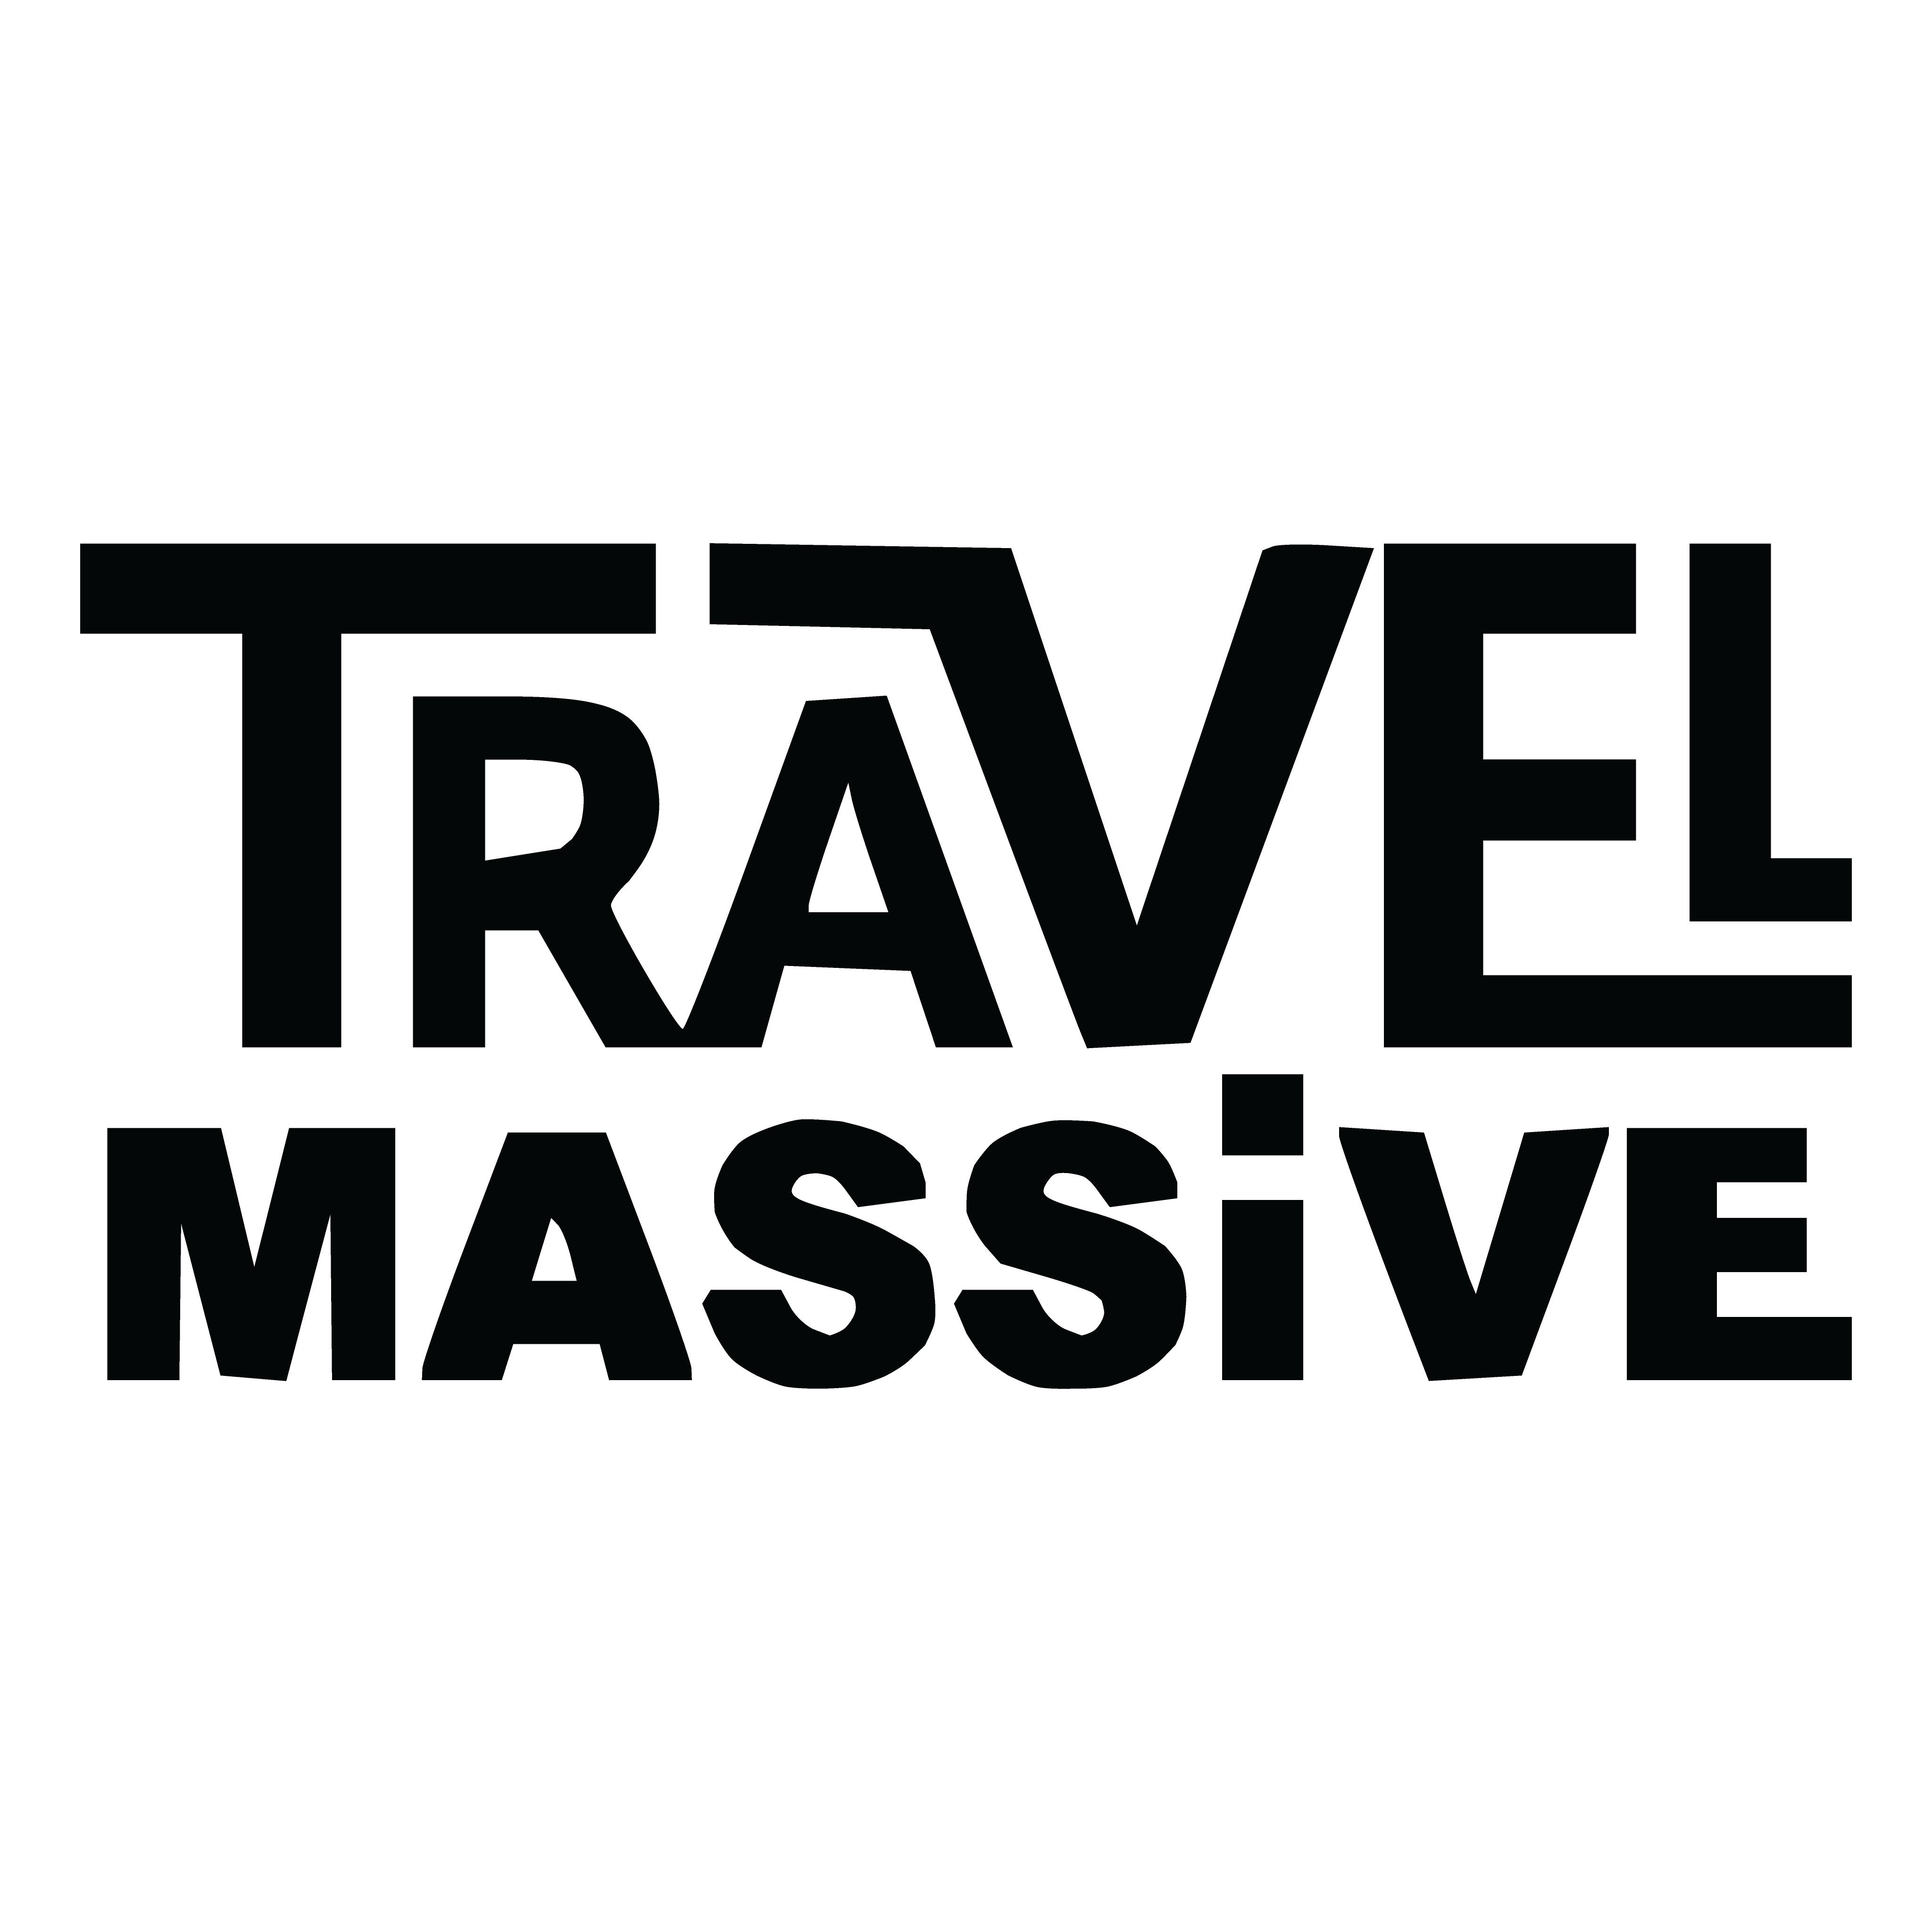 Travel-Massive-Black-on-White-4096x4096